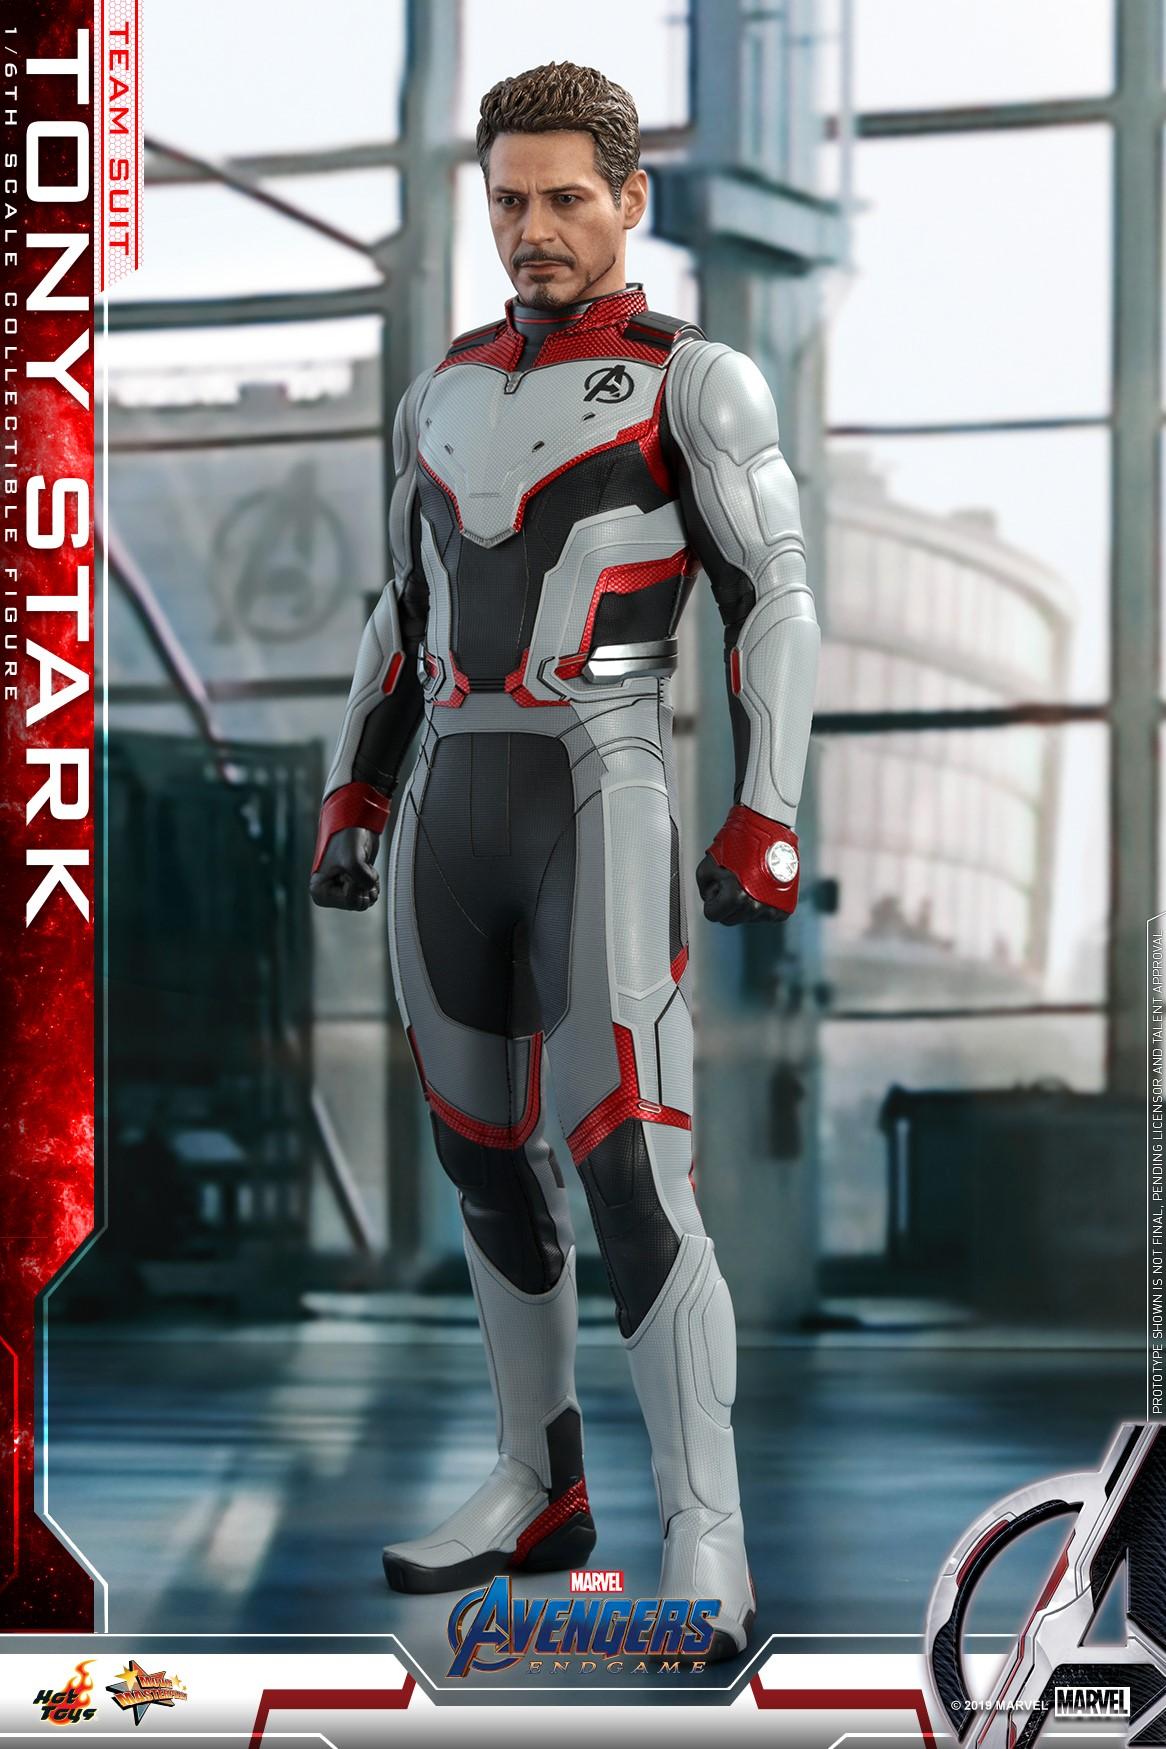 Hot Toys Team Suit Tony Stark From Avengers Endgame